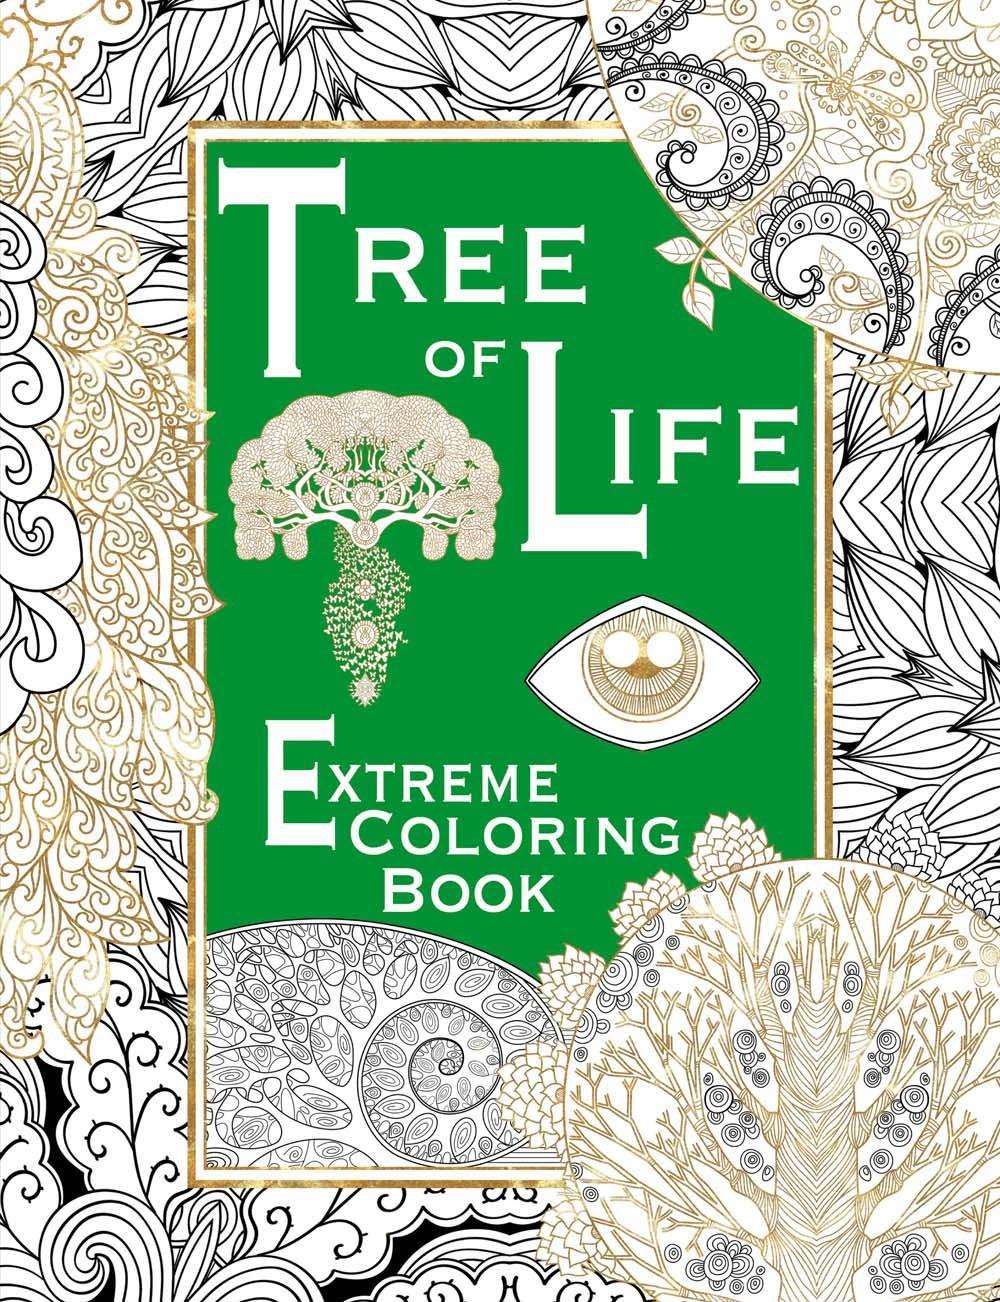 Tree of Life: Extreme Coloring Book Salariya